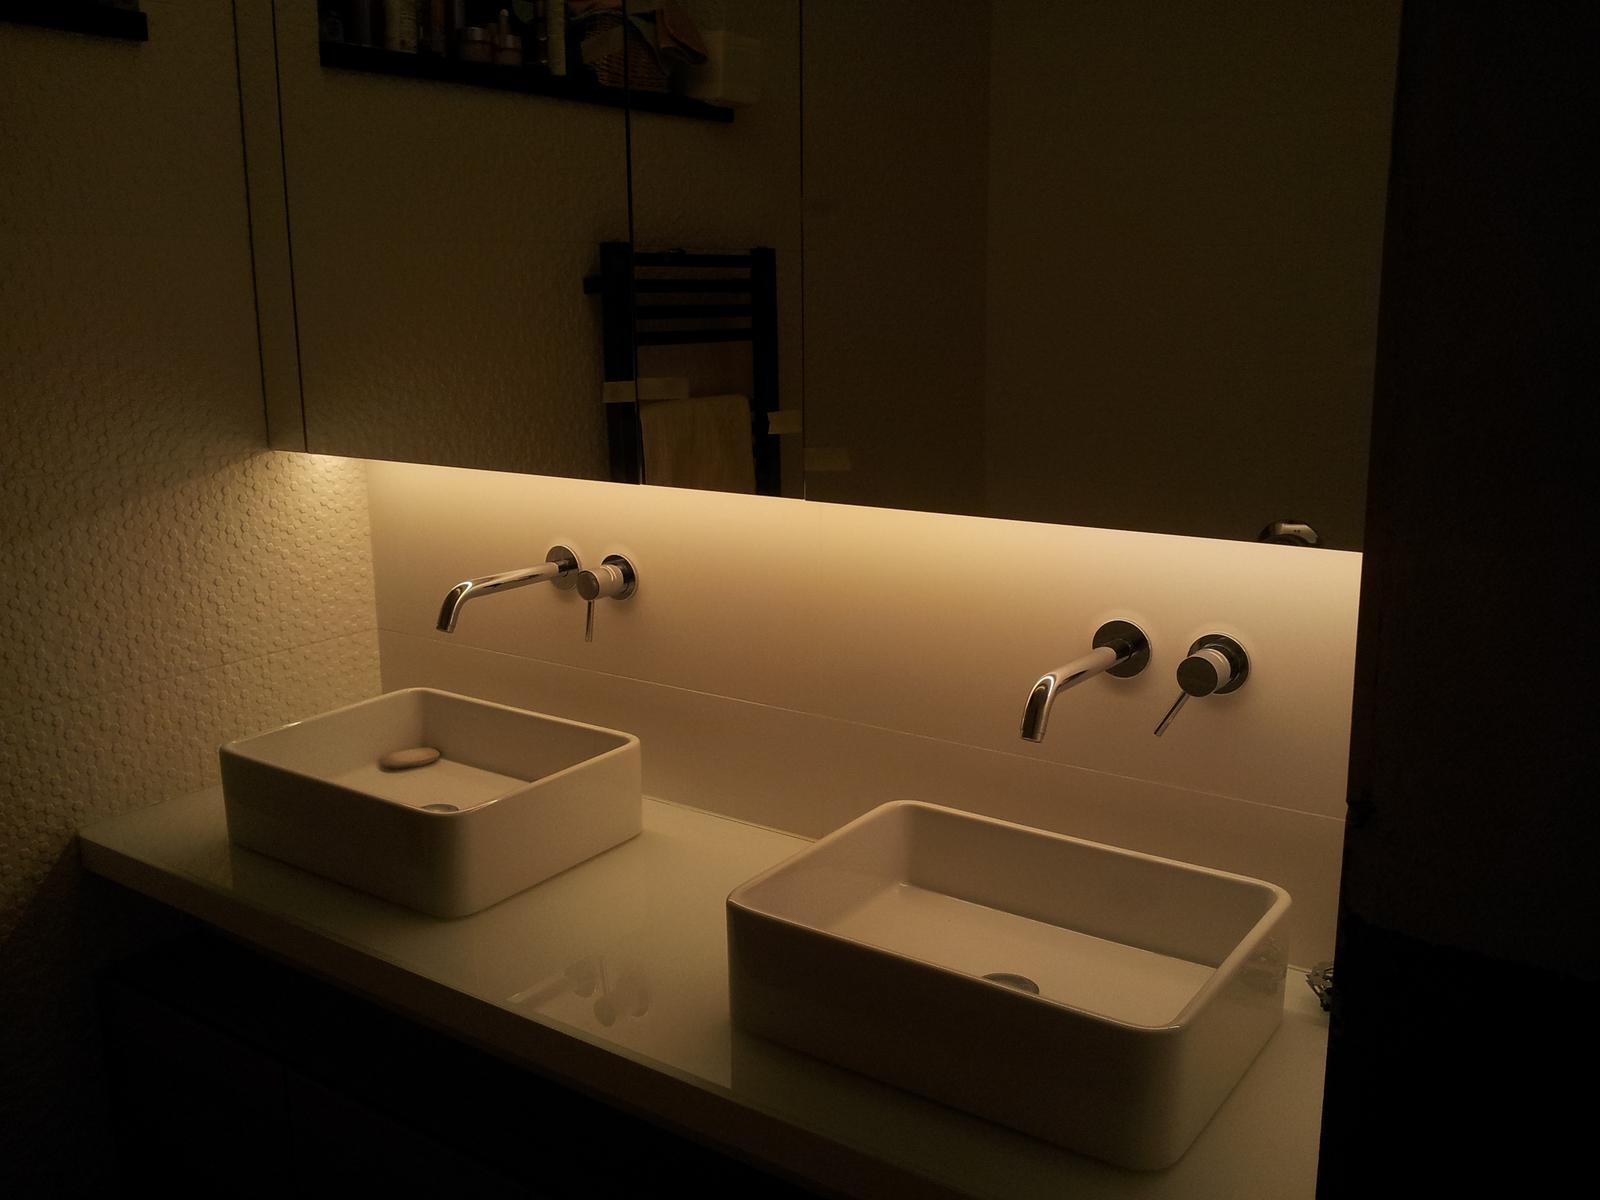 Dizajn a výroba nábytku na mieru Cubica - Kúpeľňová skrinka s LED osvetlením  - výroba cubica